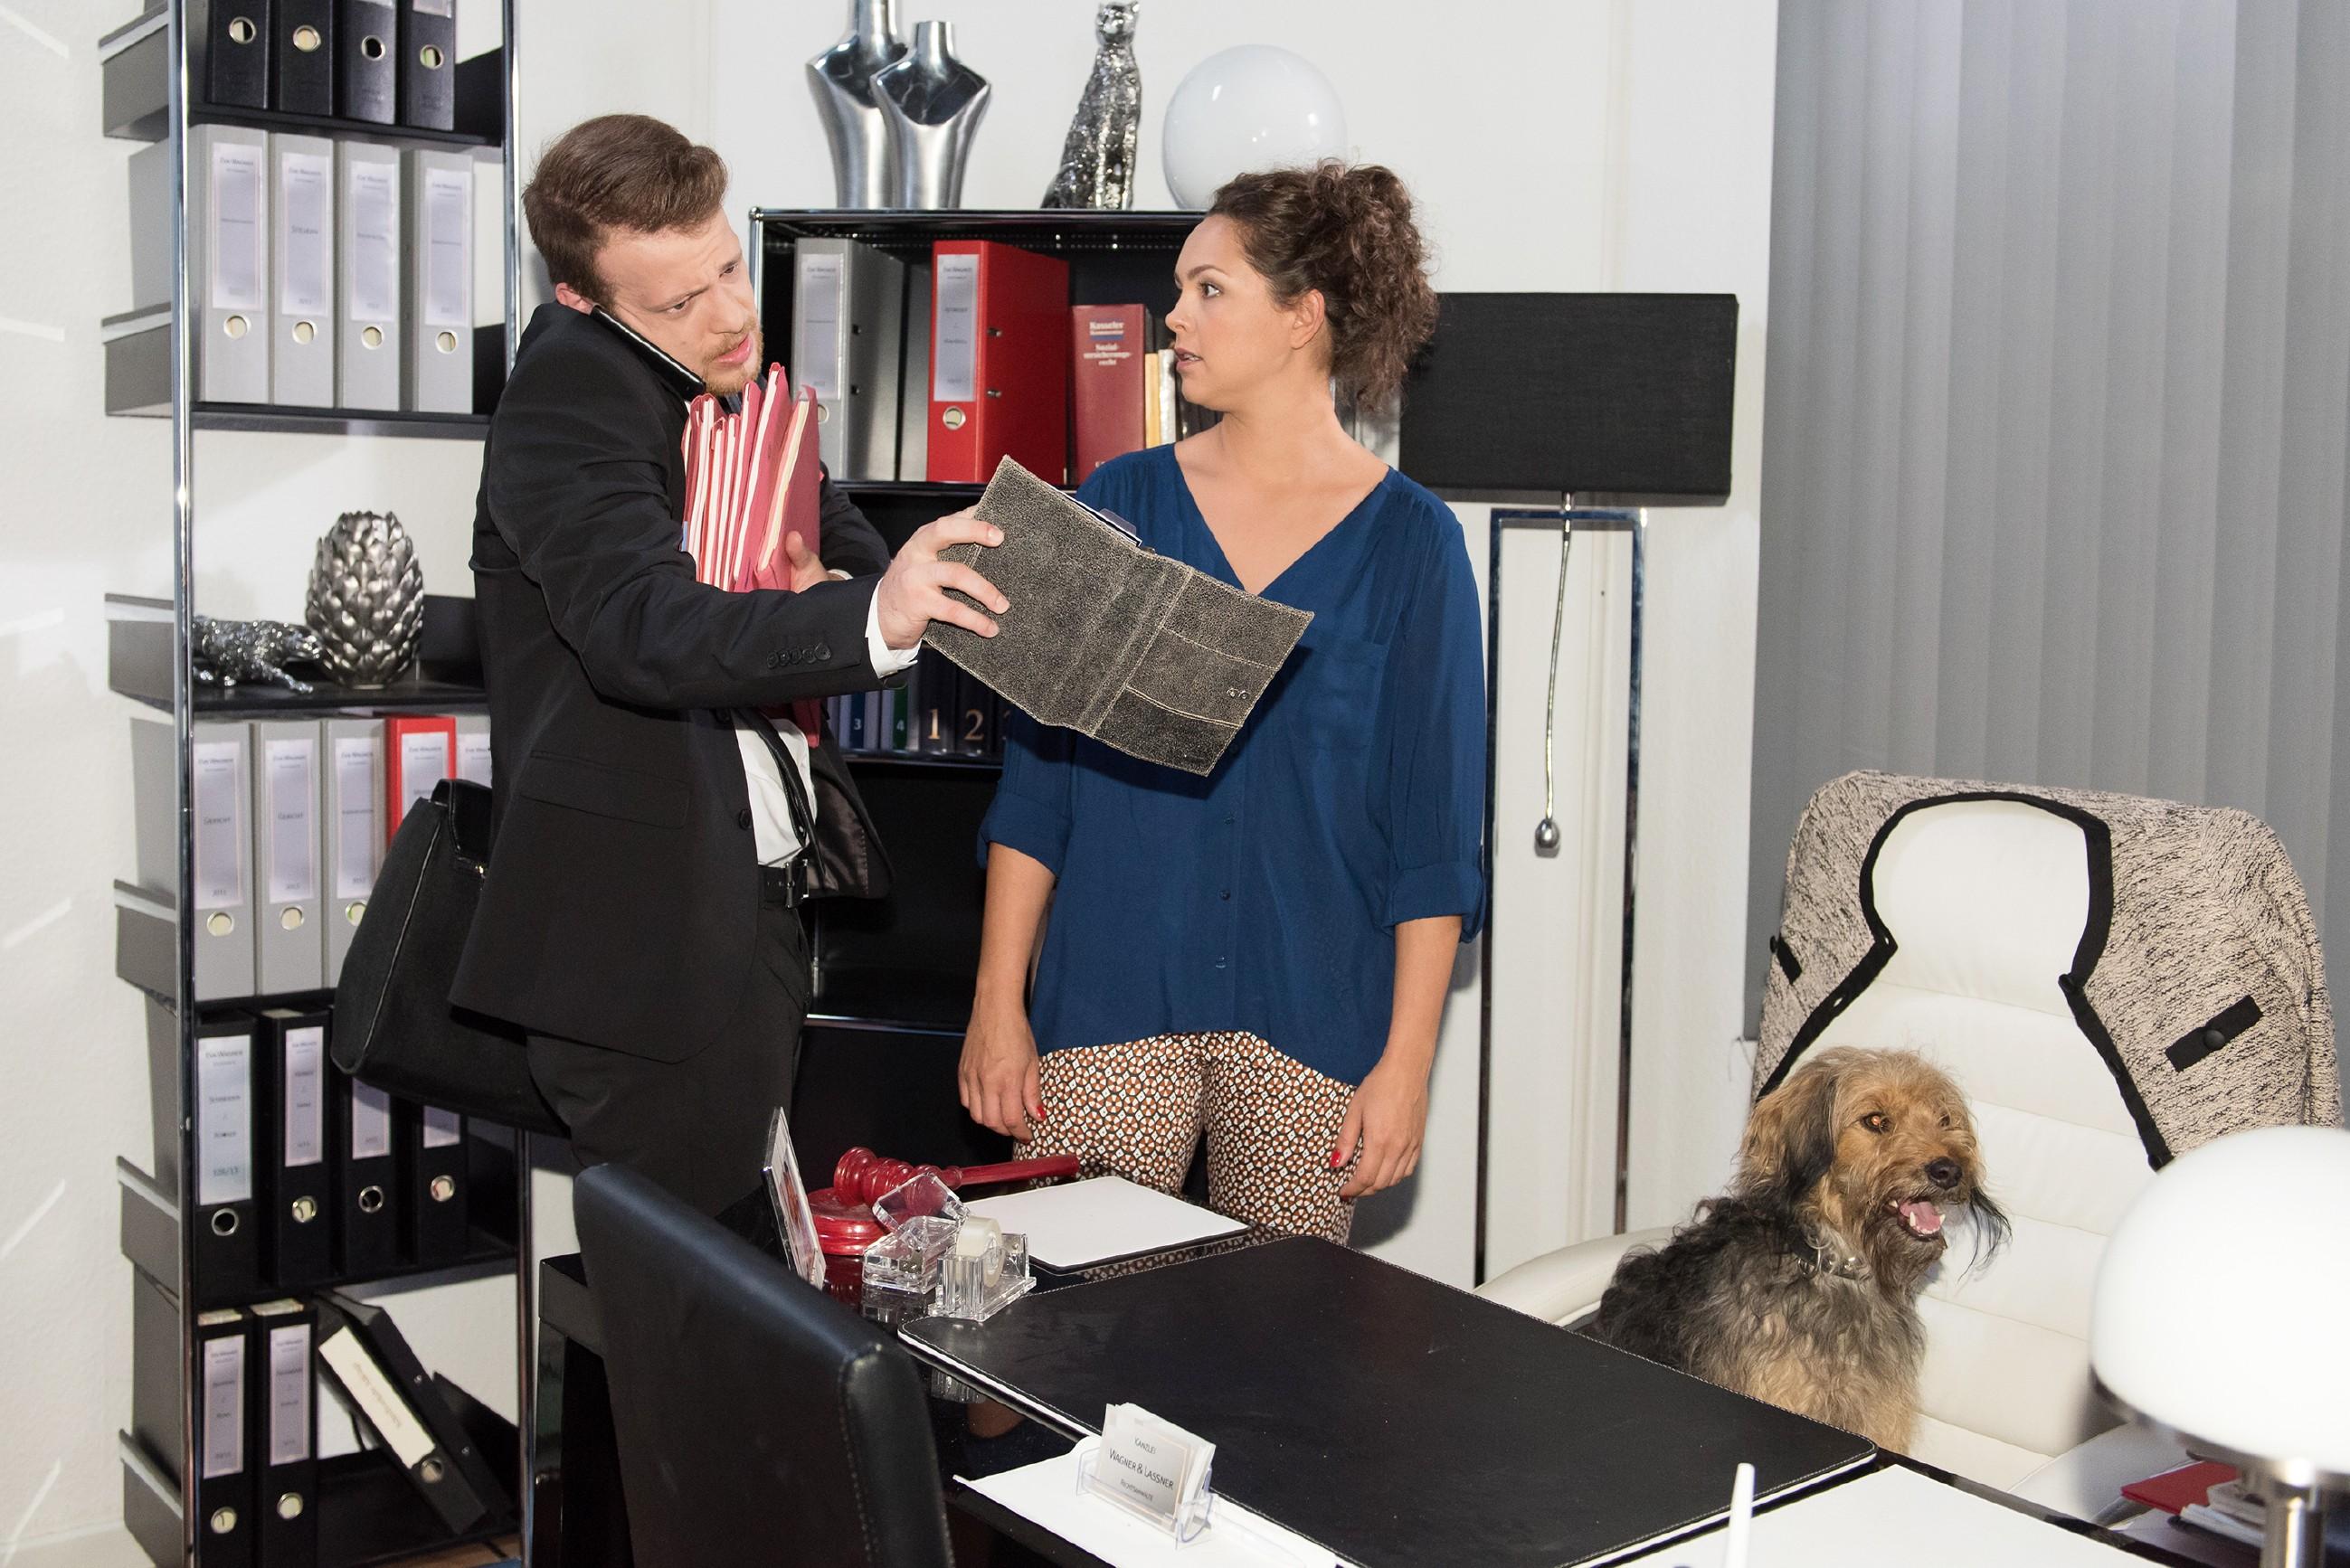 Als Caro (Ines Kurenbach) Tobias (Patrick Müller) als Anwalt konsultieren will, spannt der sie kurzerhand als Sekretärin ein. (Quelle: RTL / Stefan Behrens)